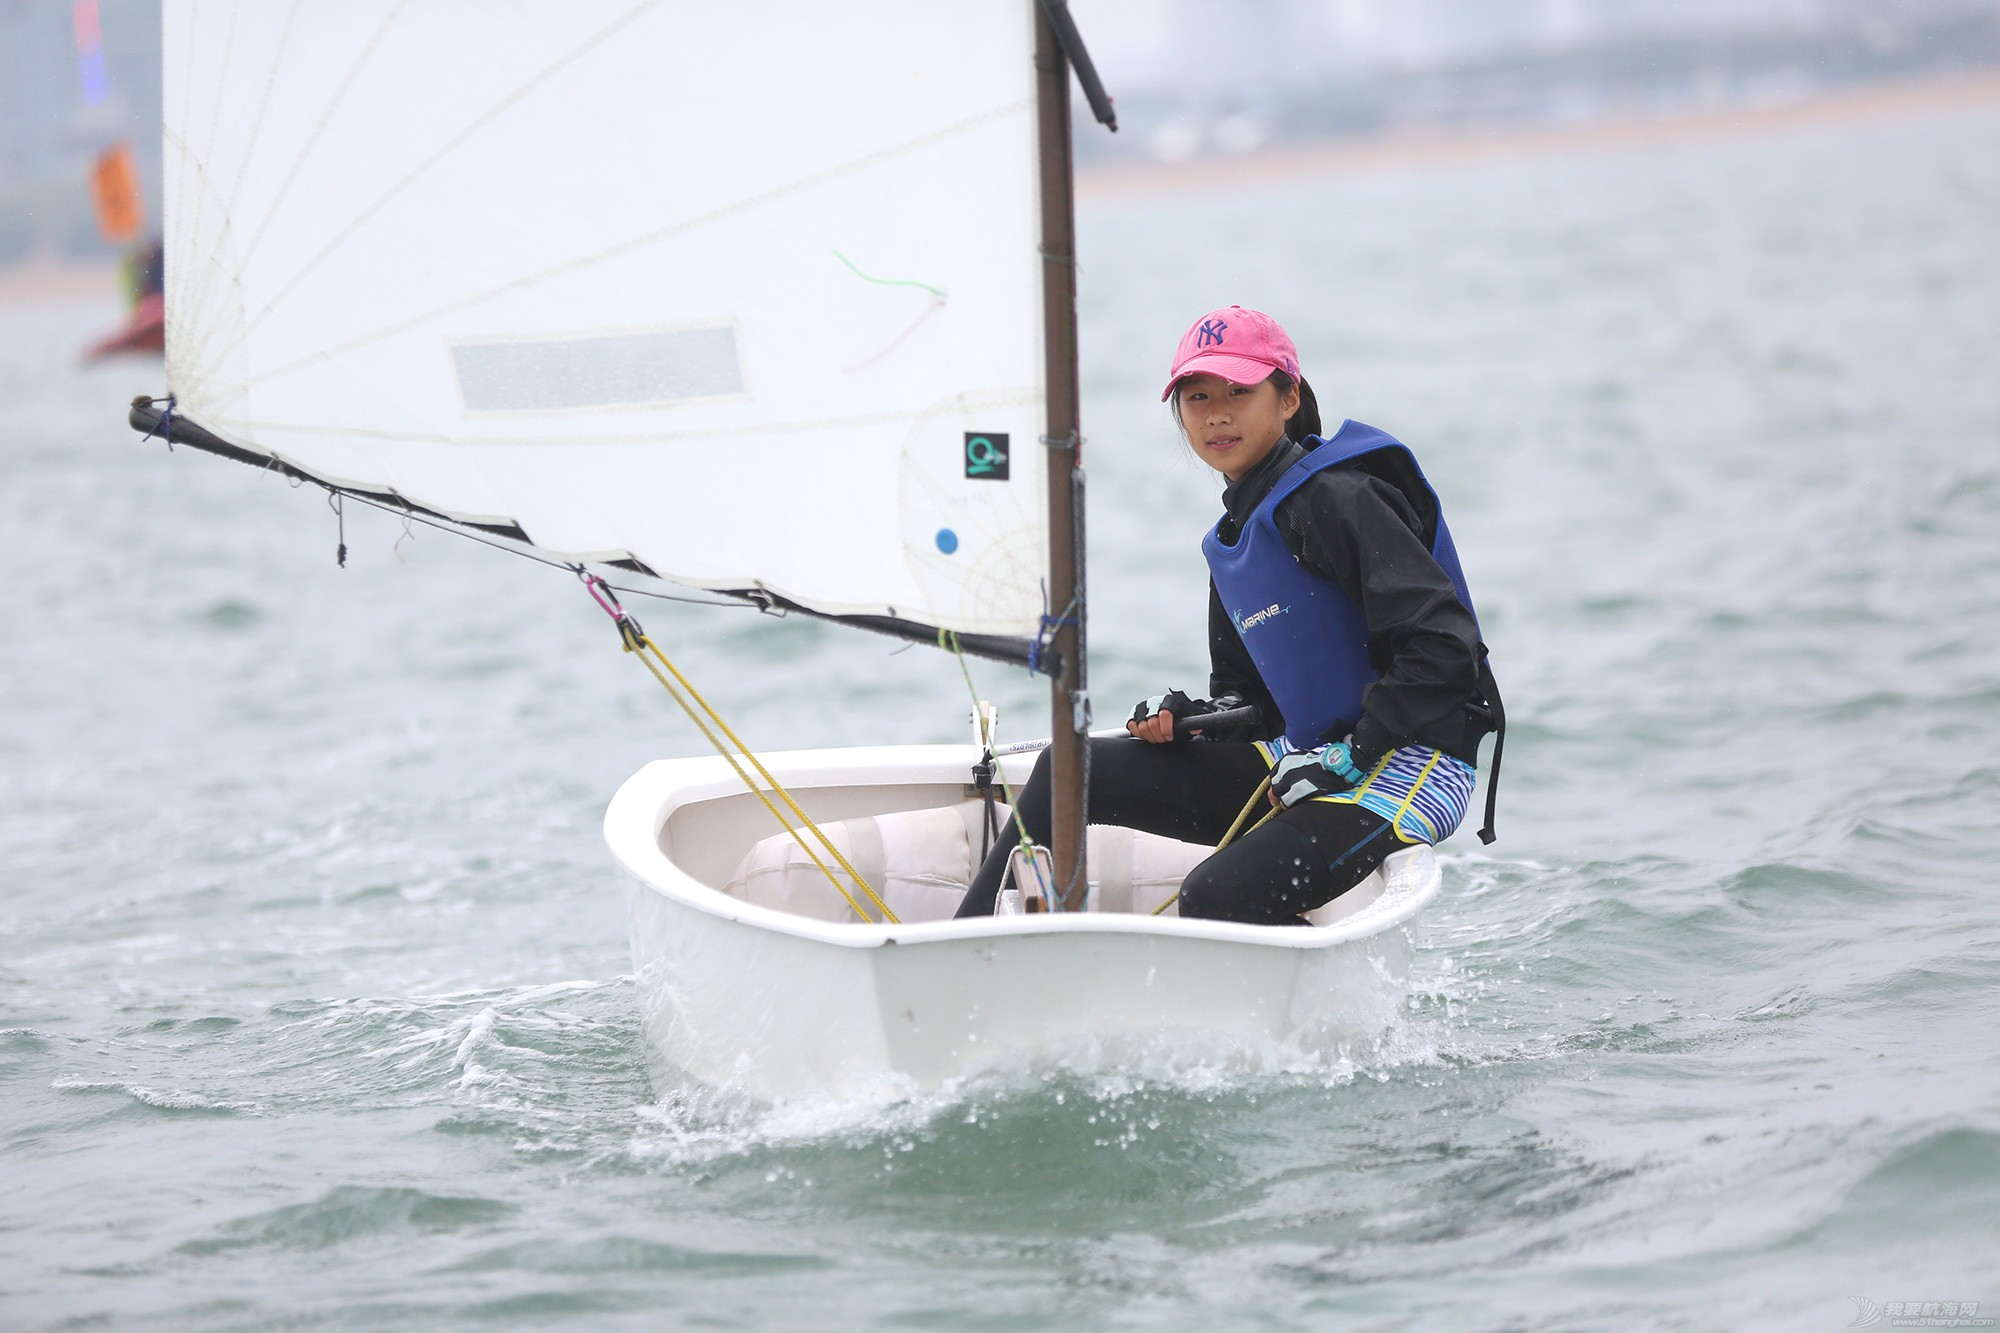 山东省,运动员,冠军赛,天气,帆板 风生水起,怎奈个个都是浪里白条——山东省帆船帆板冠军赛第二天赛况 5V8A2621副本.jpg